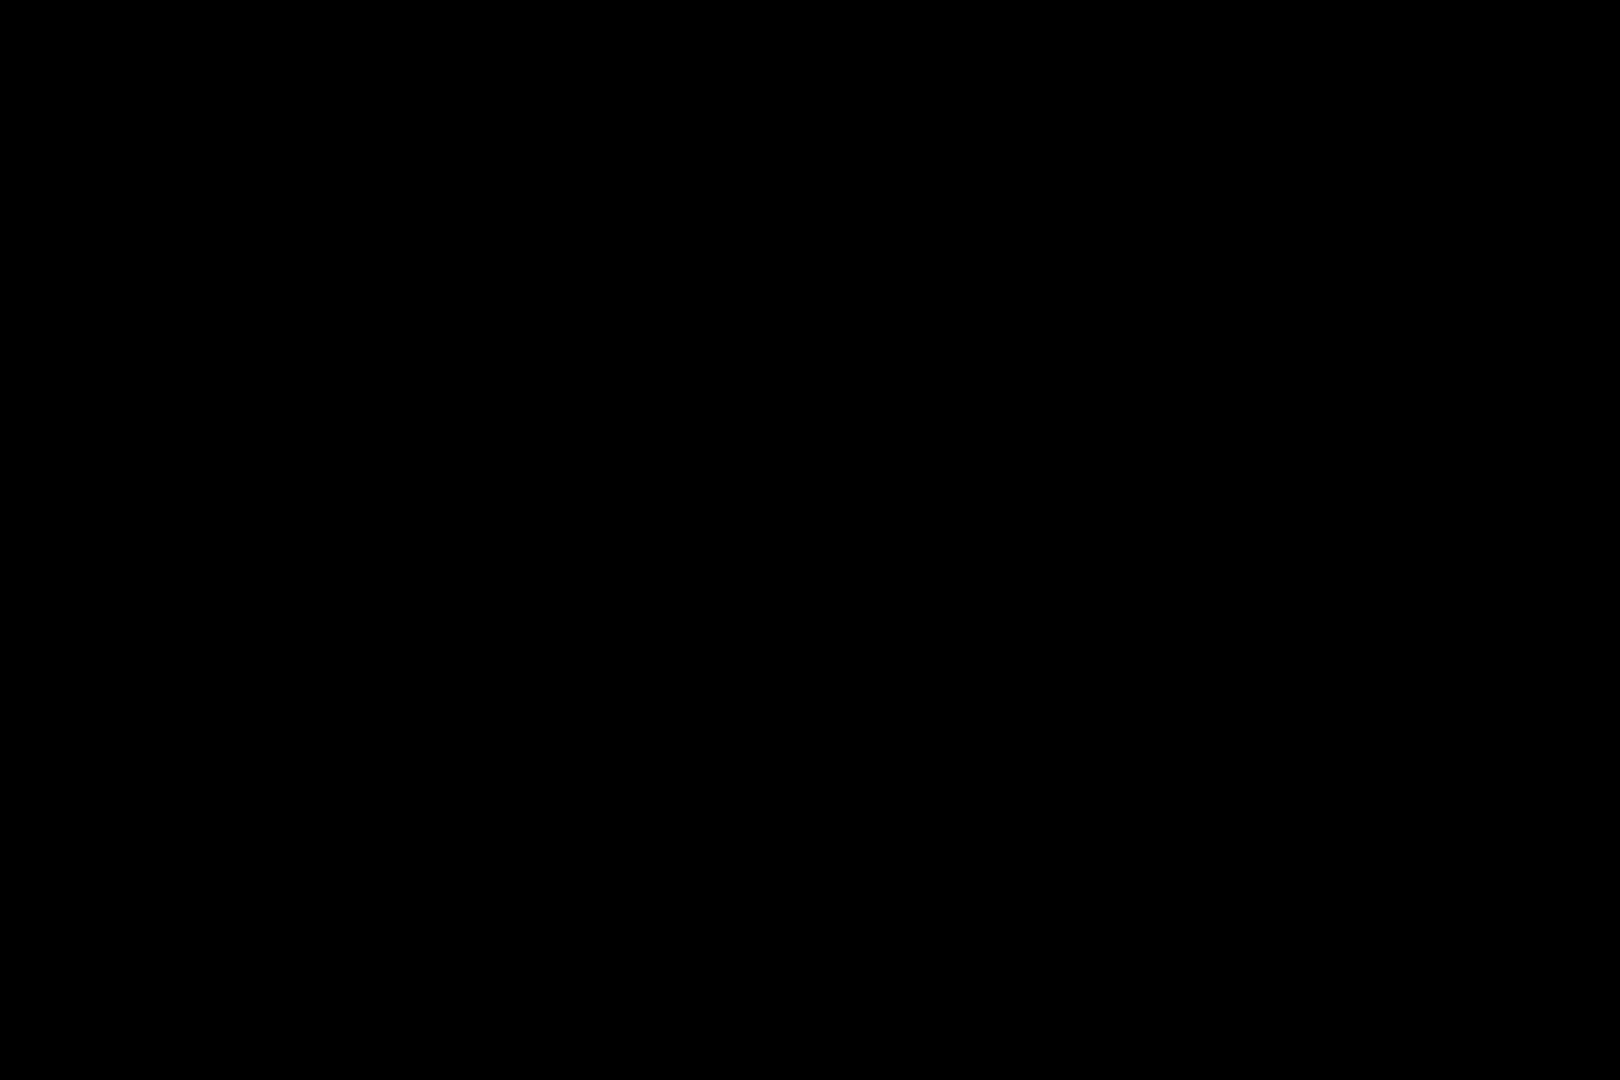 三ツ星シリーズ 魅惑のMemorial Night!! vol.03 三ツ星シリーズ ゲイ丸見え画像 101枚 66